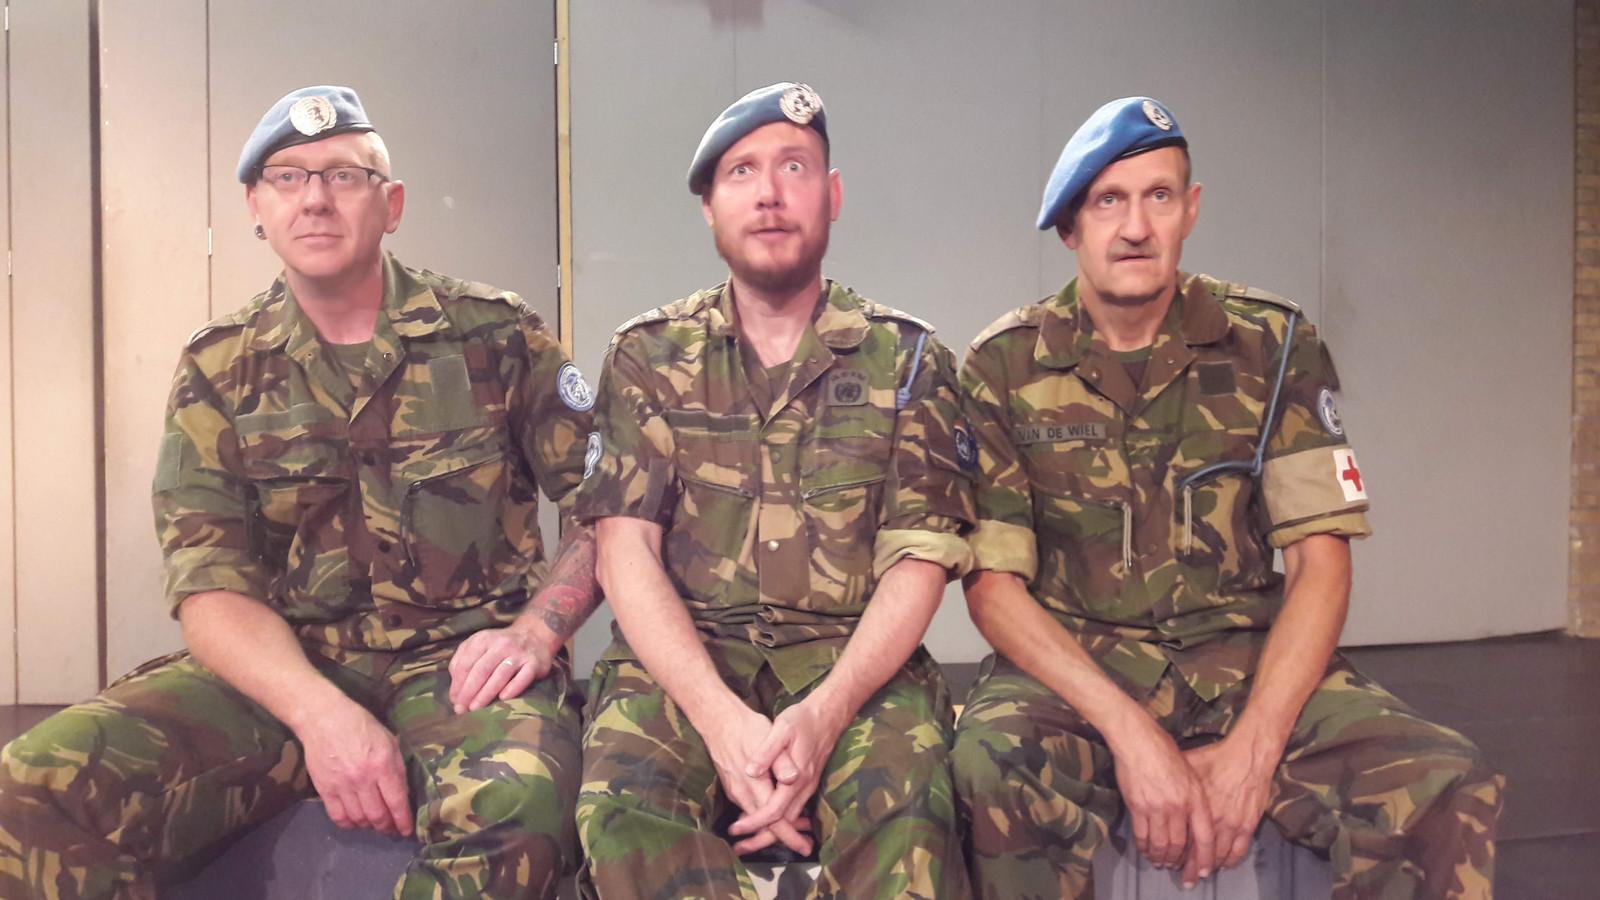 Van links naar rechts: Raymond Braat, Stephan Mertens en Antoon van de Wiel.